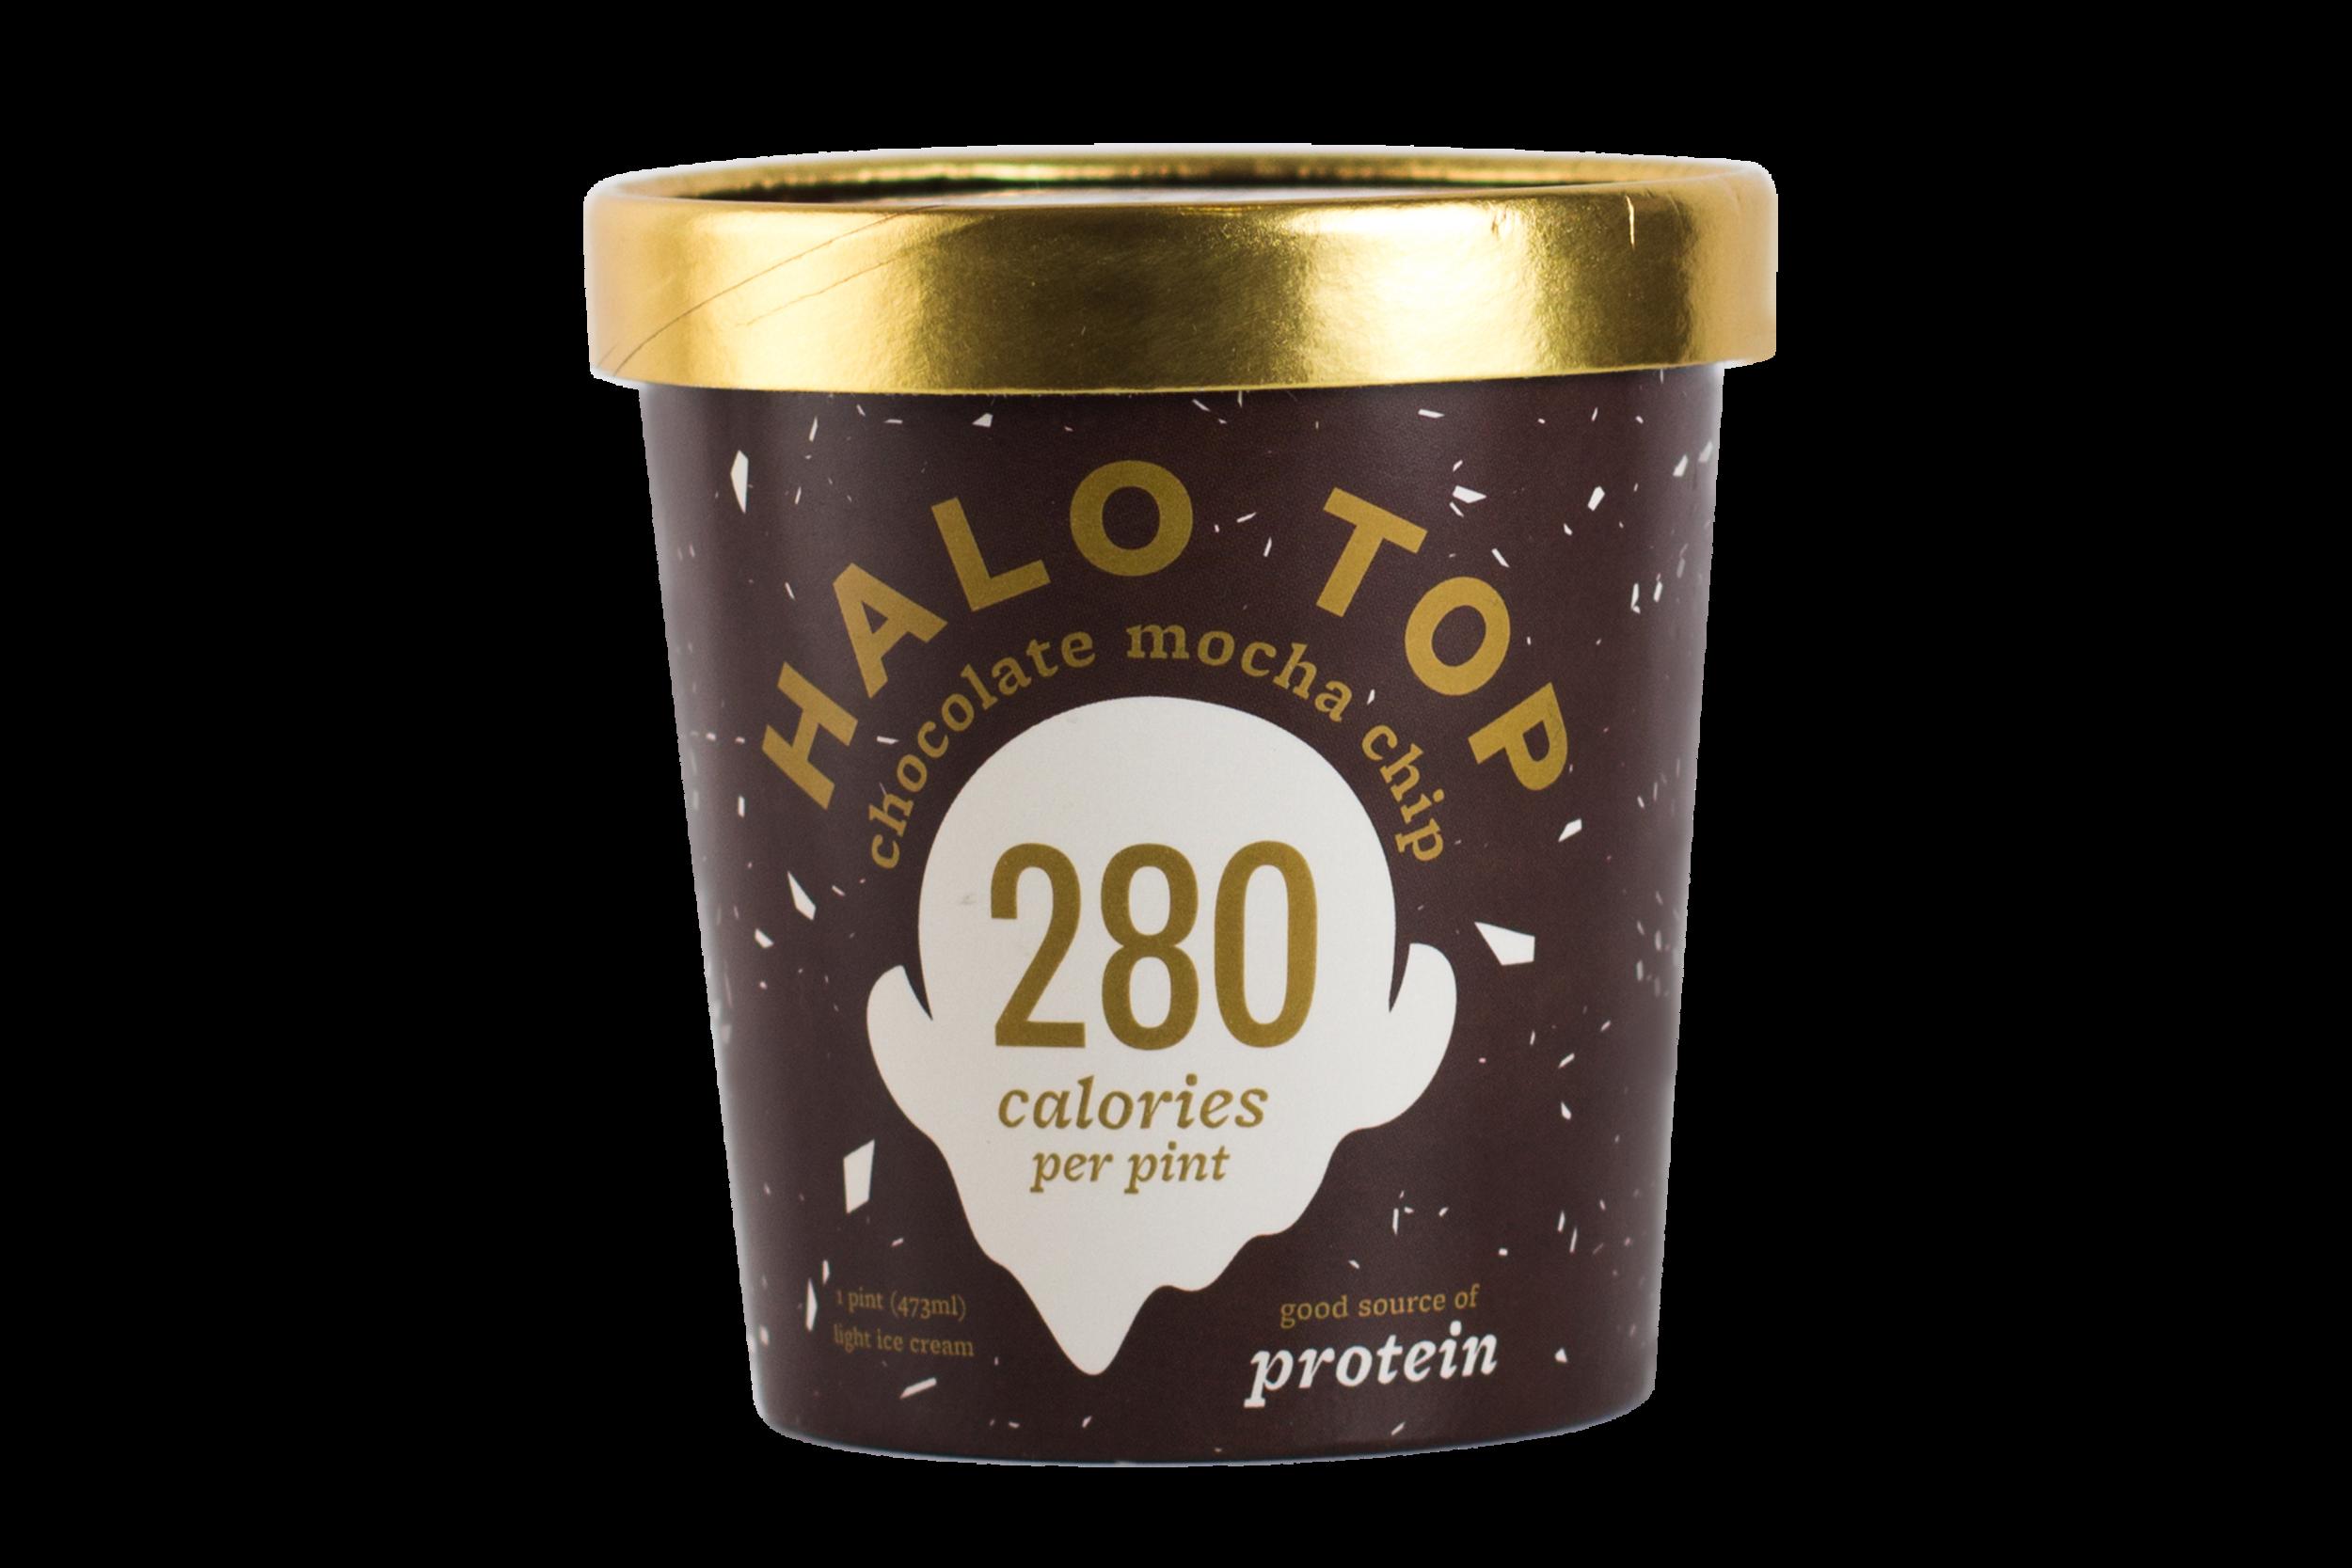 Dairy Ice Cream Flavors Ice Cream Flavors Healthy Ice Cream Halo Top Ice Cream